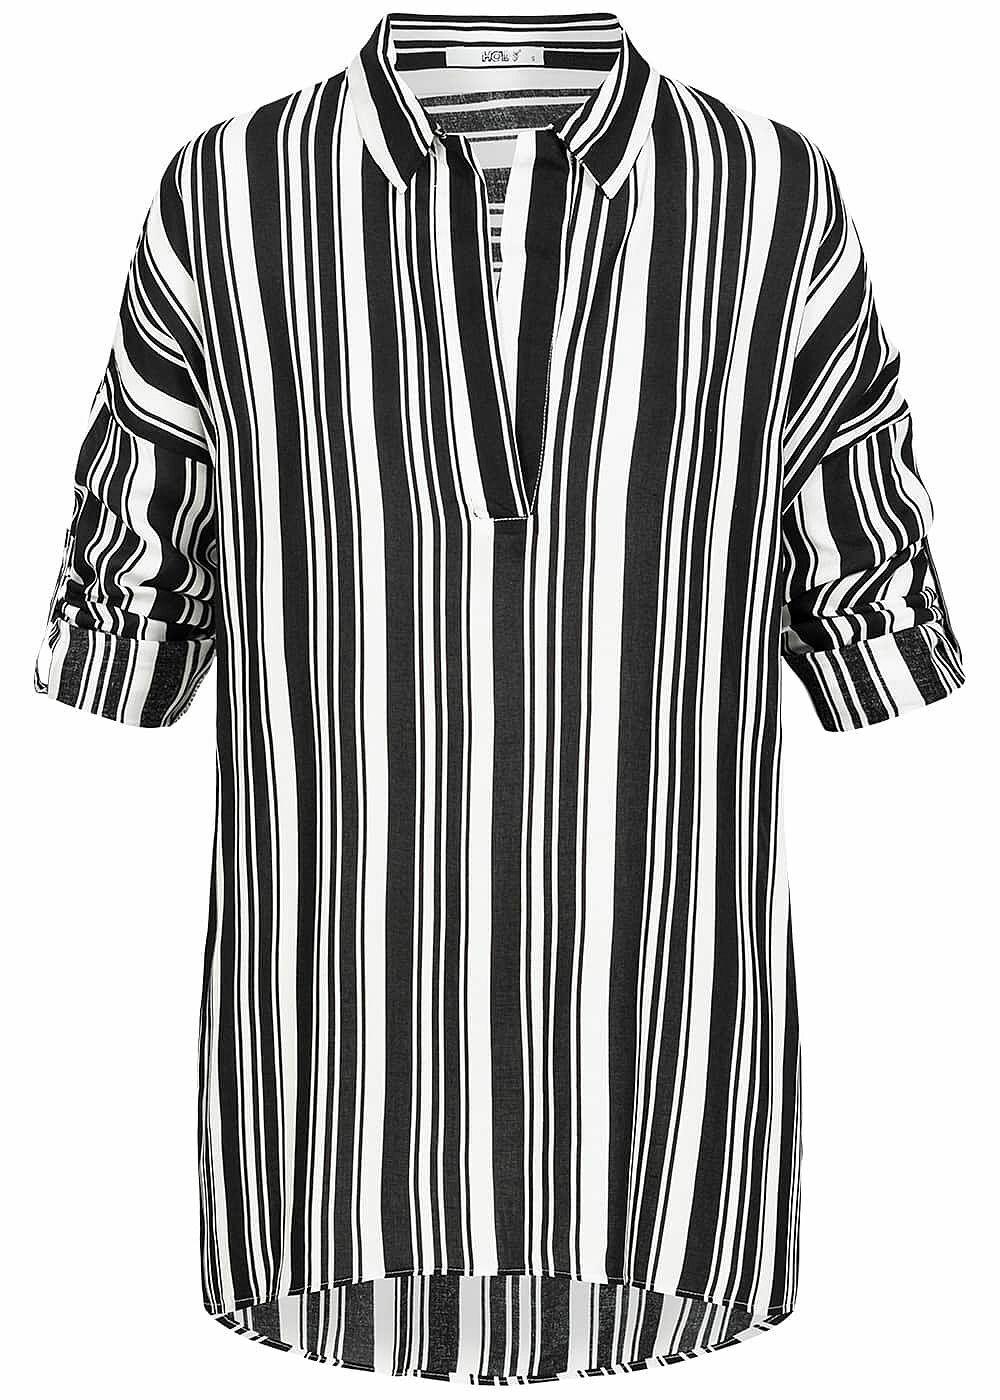 28% OFF B19010170 Damen Hailys Bluse Longform Shirt Turn-Up mit Streifen schwarz